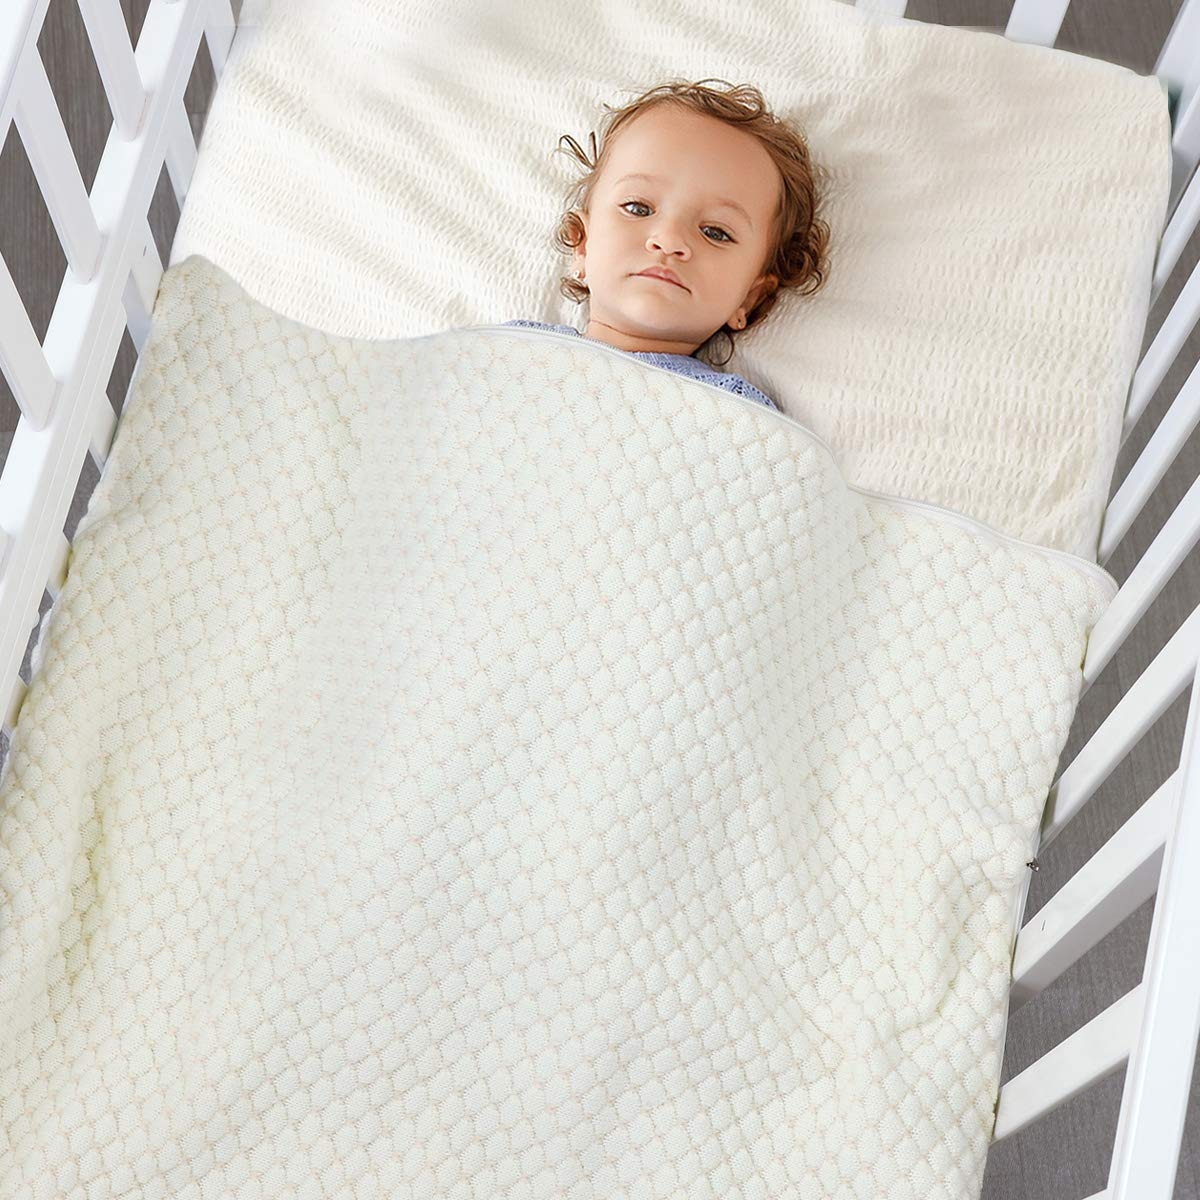 Baby Wrap Wickeldecke Strick Schlafsack Schlafsack Kinderwagen Wrap Weich Warm f/ür 0-12 Monate Babys Unisex